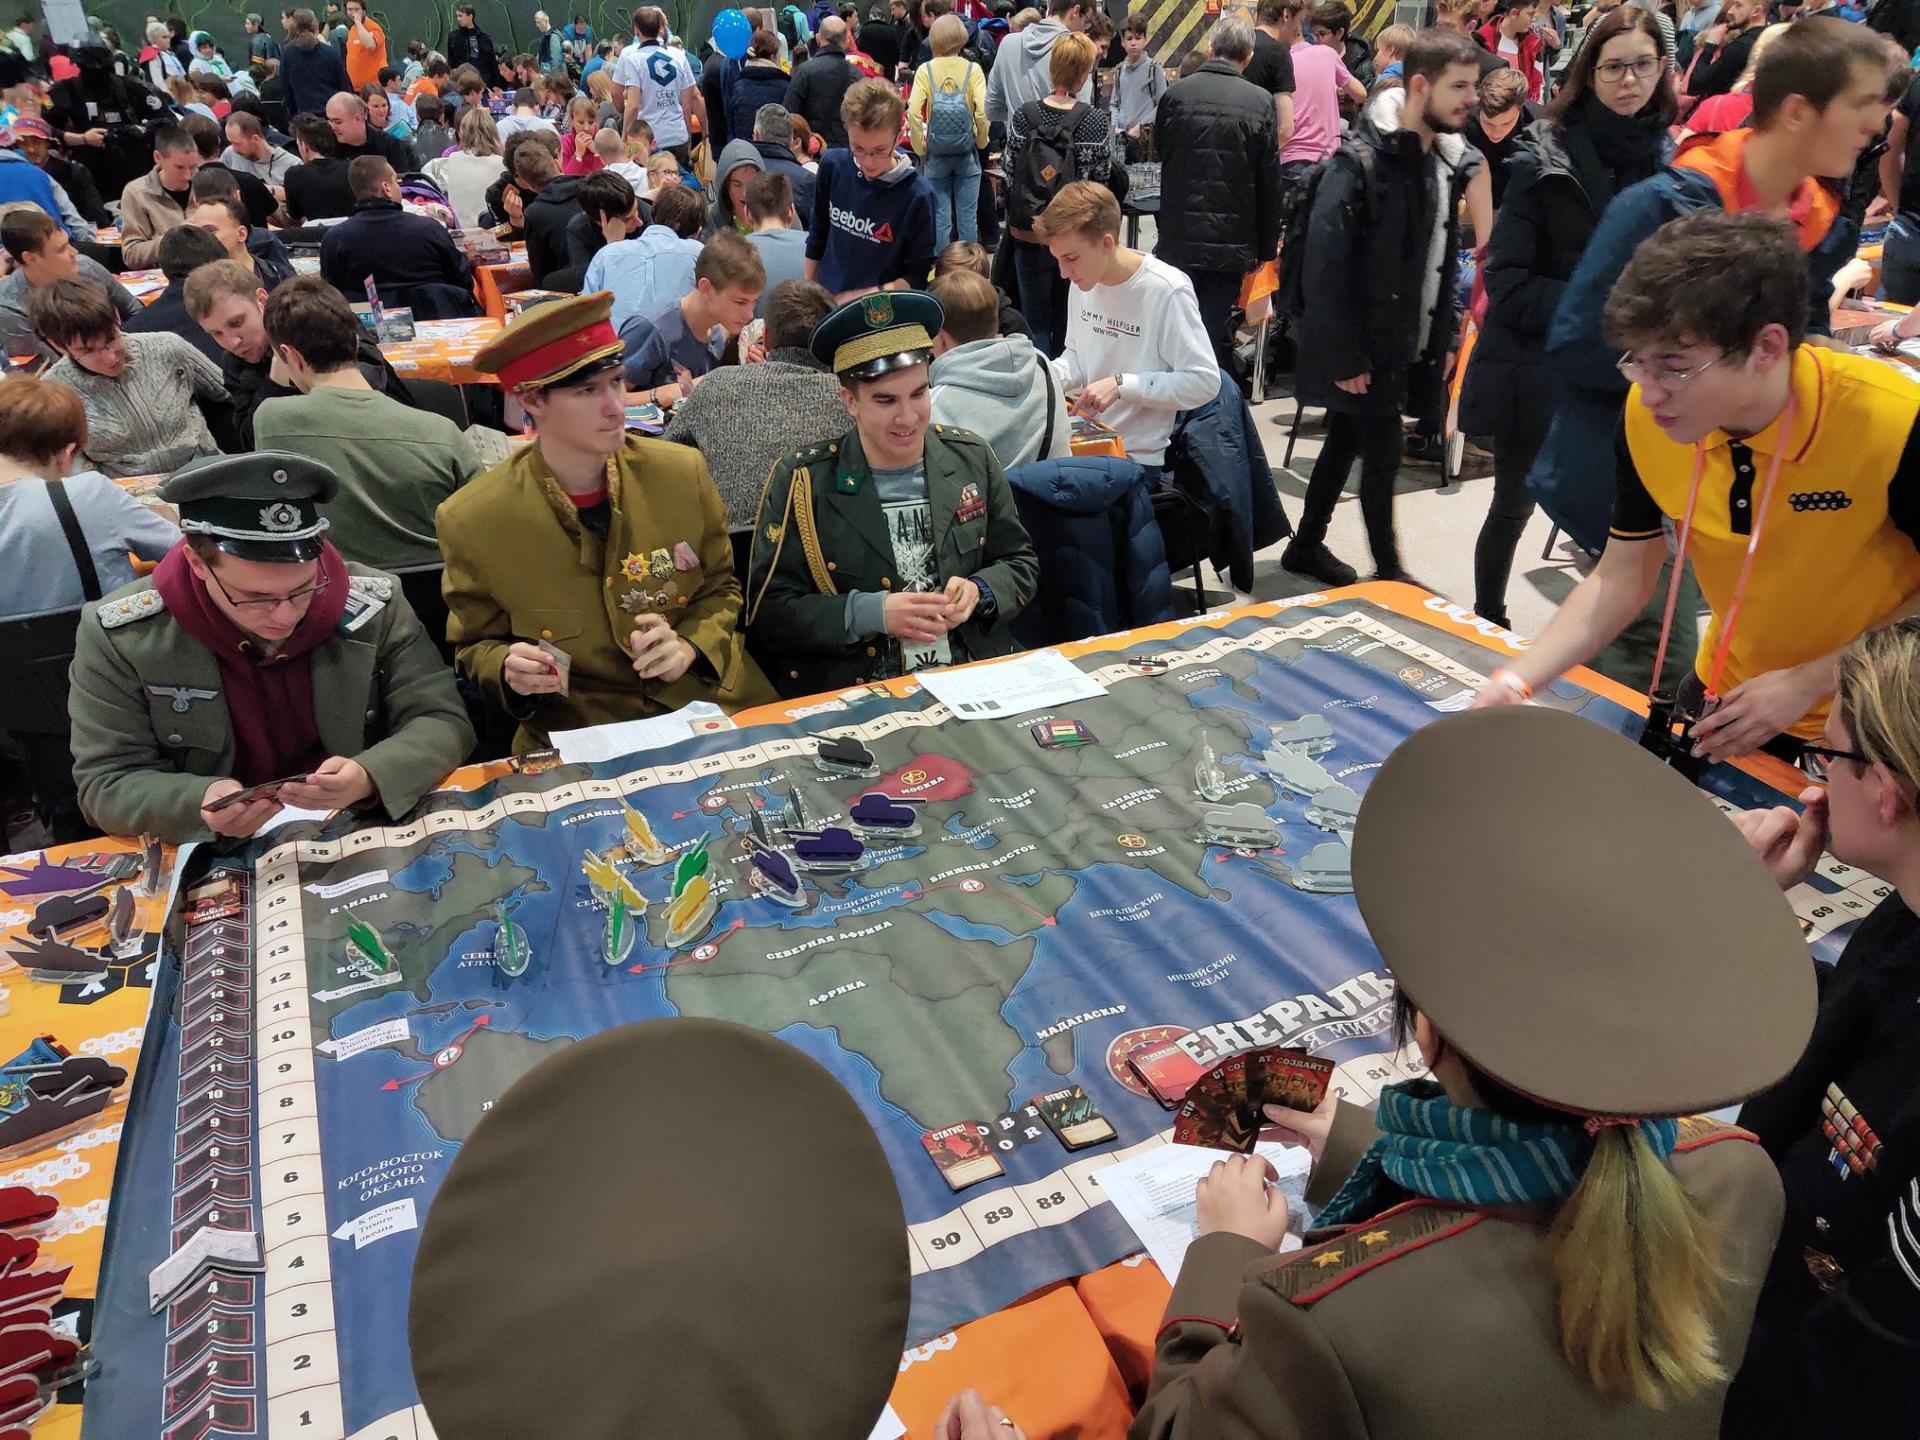 Ежегодный фестиваль Игрокон вКВЦ Сокольники посетило свыше 40 тысяч человек